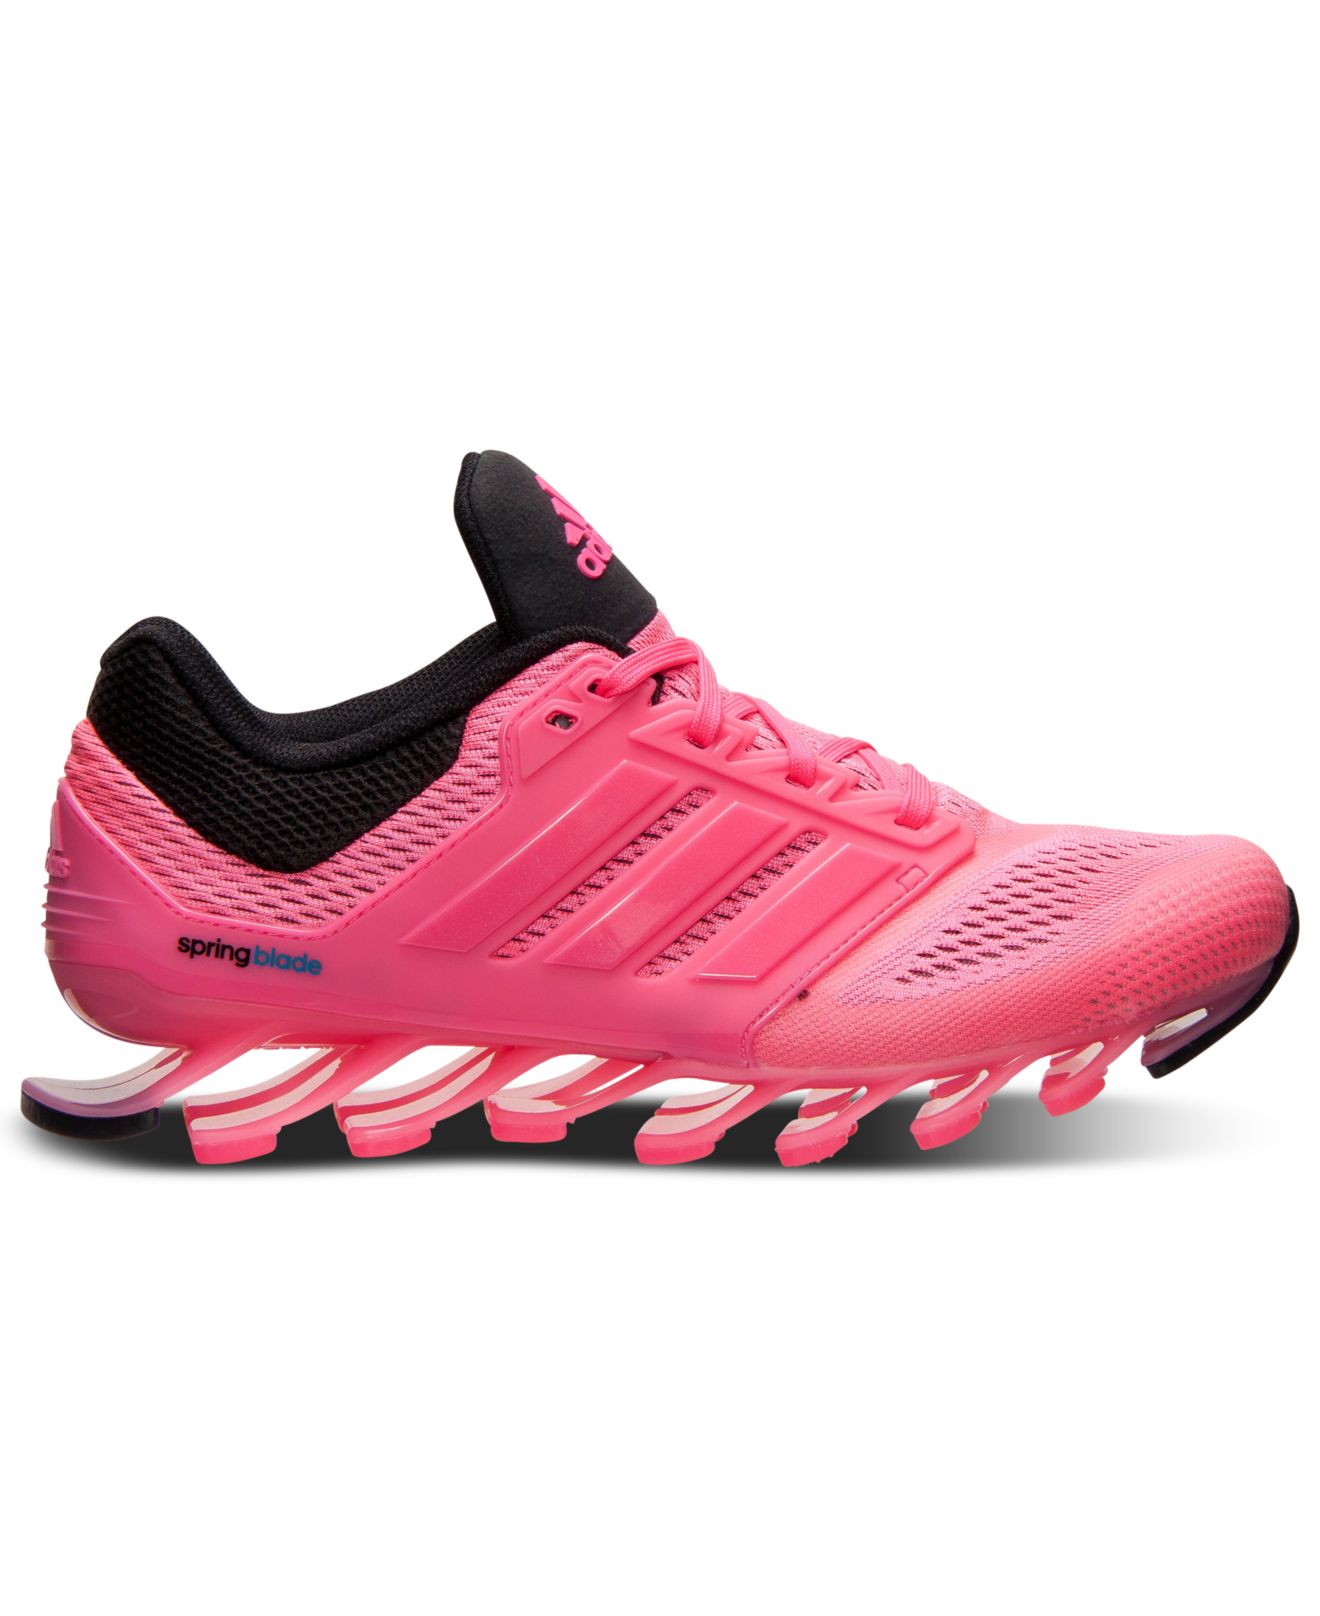 adidas springblade rosa original